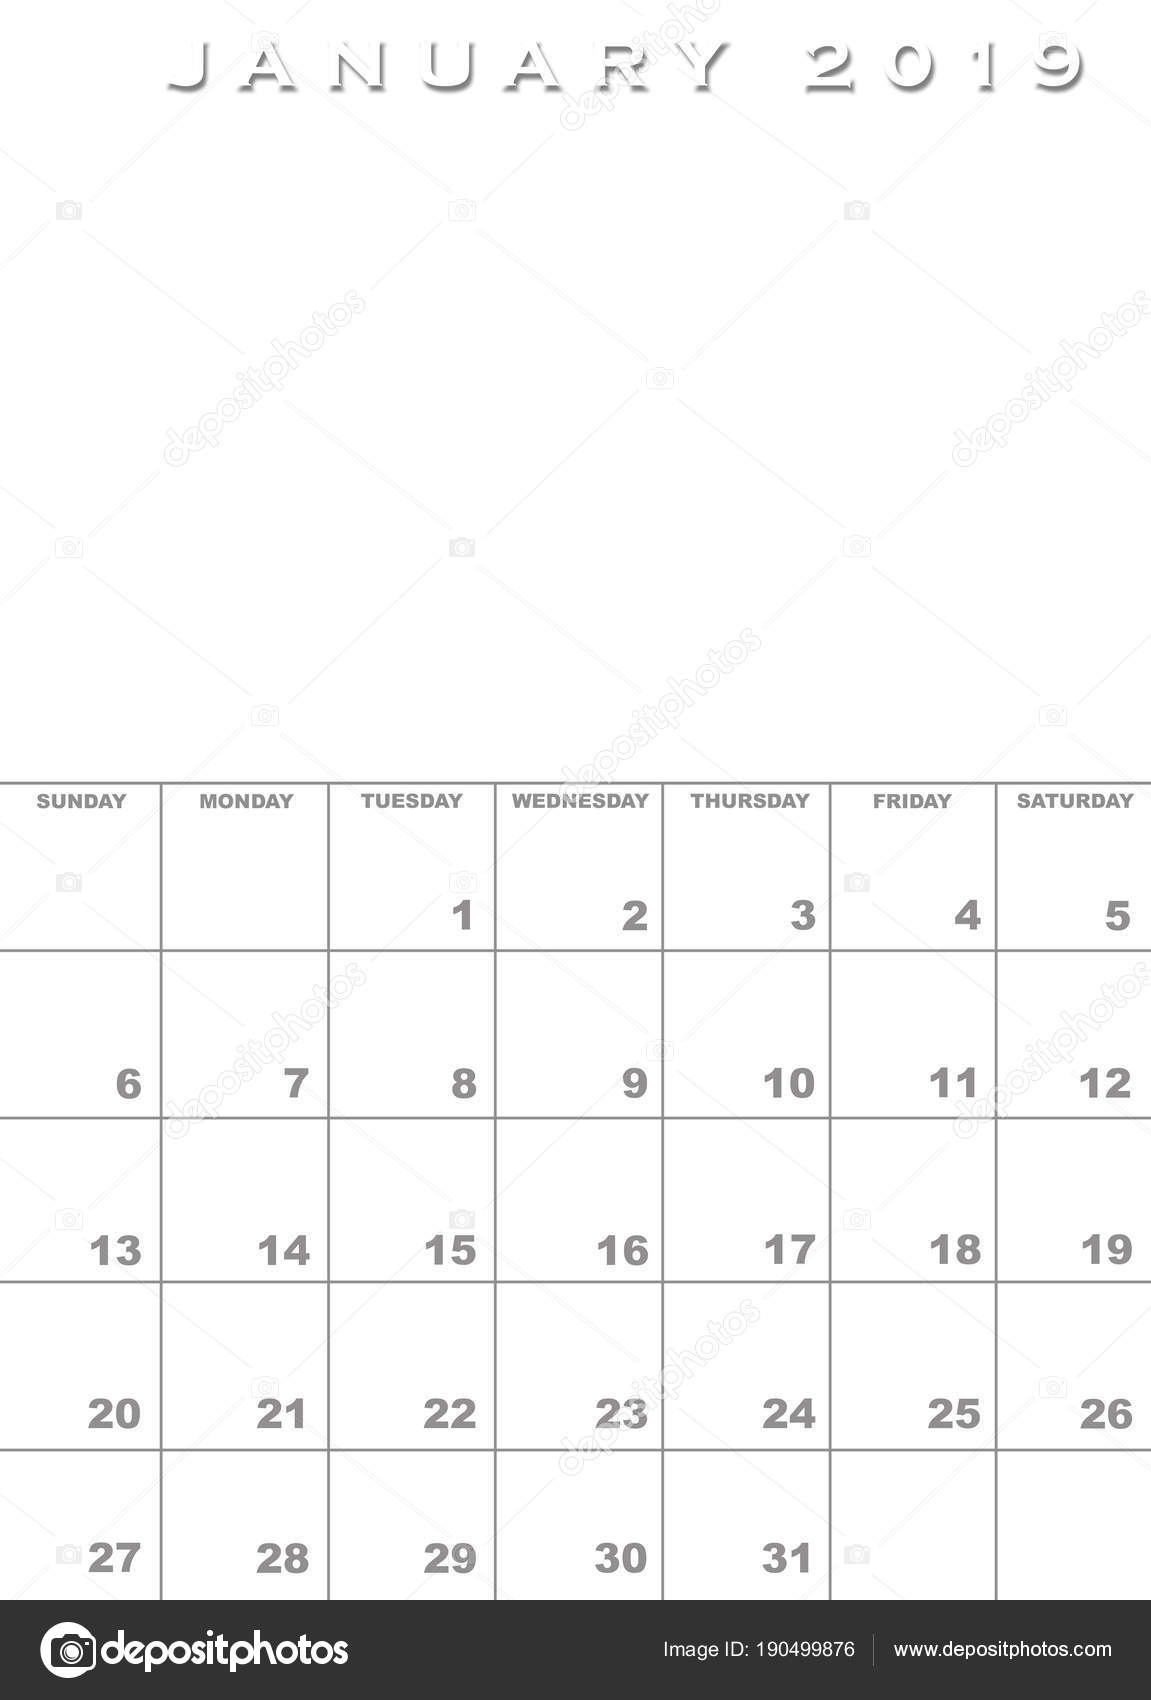 háttérkép naptár 2019 Január 2019 Naptár sablon — Stock Fotó © paulvinten #190499876 háttérkép naptár 2019